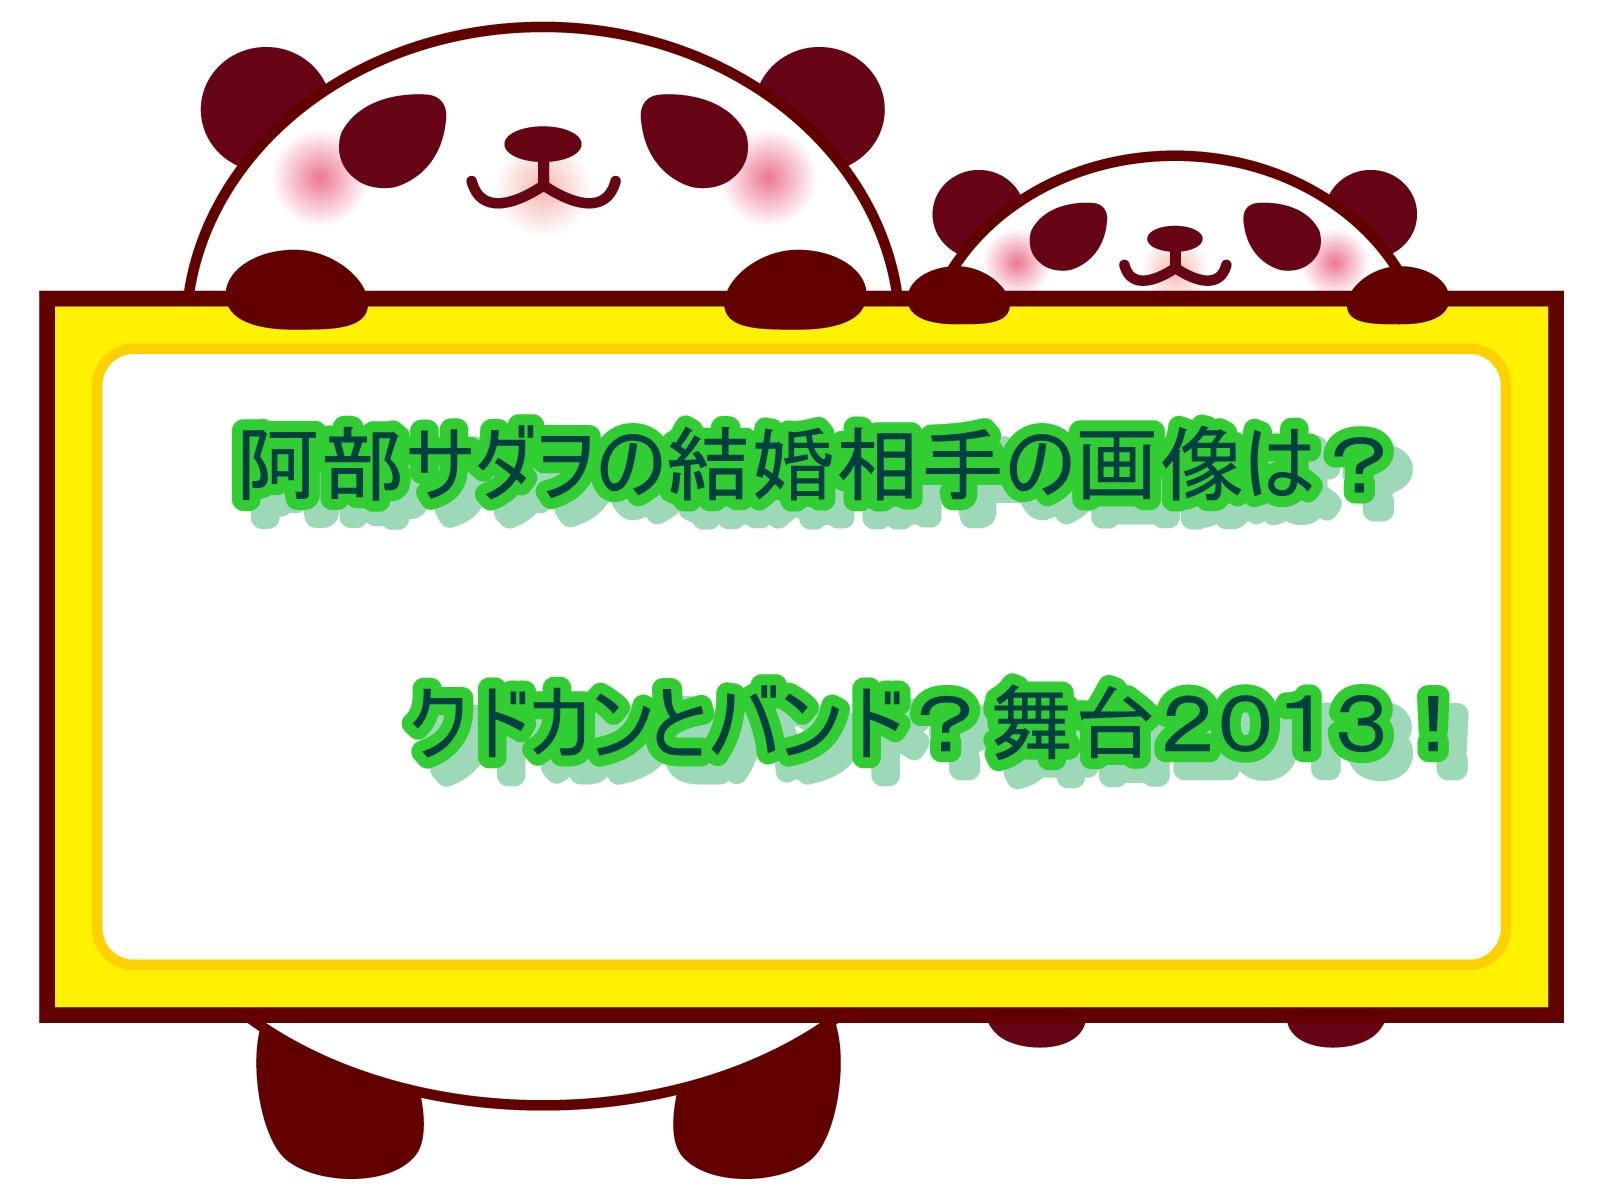 阿部サダヲの結婚相手の画像は?クドカンとバンド?舞台2013!